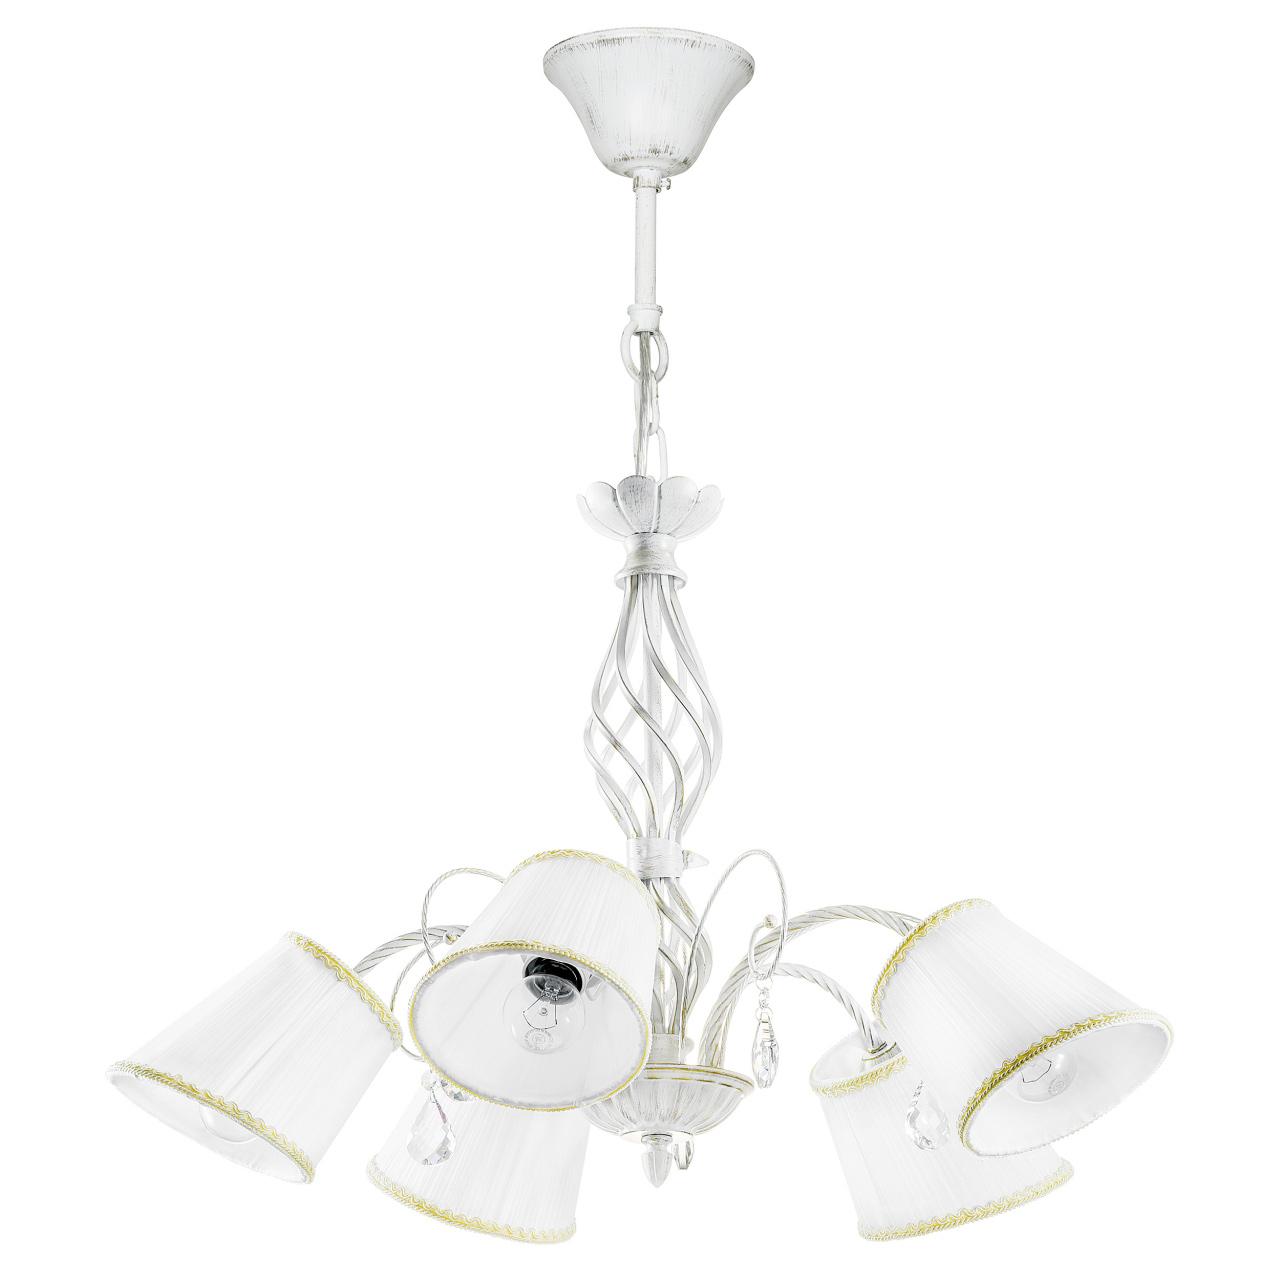 Люстра подвесная Esedra 5x40W E27 antic white ткань Lightstar 796156